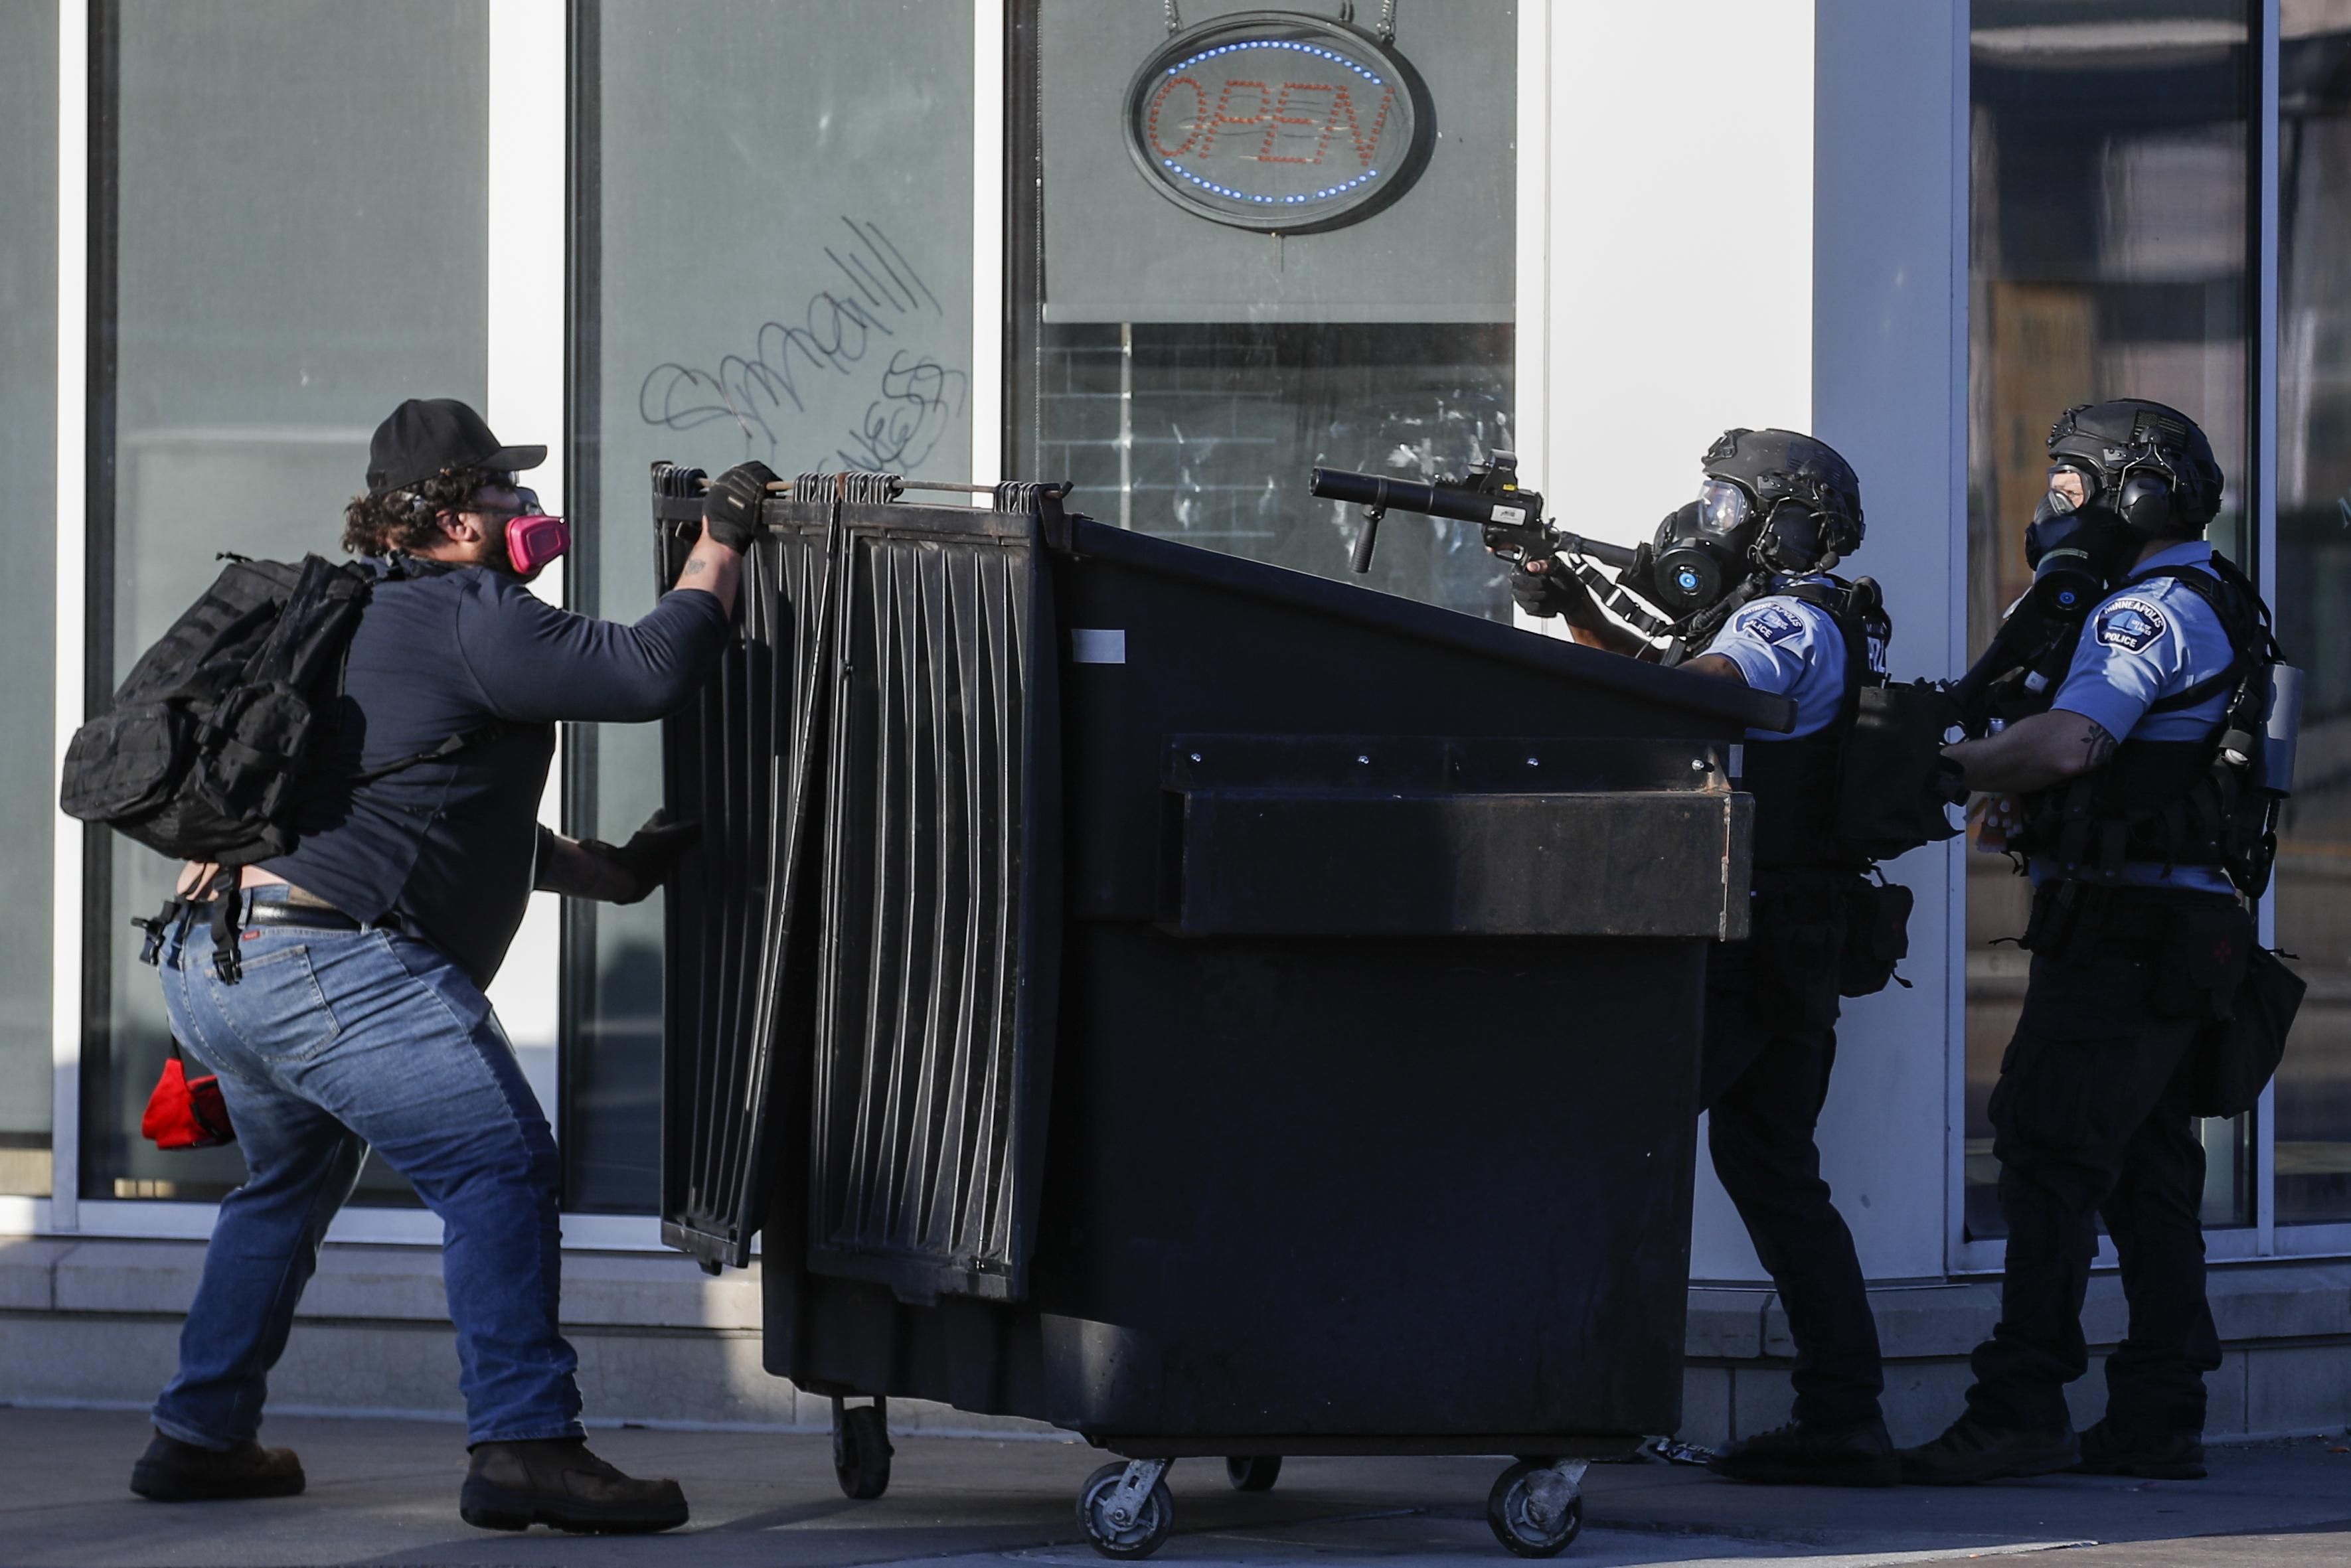 Un hombre se enfrenta a dos policías que usan munición menos letal en sus armas, el jueves 28 de mayo de 2020, en St. Paul, Minnesota (Foto AP/John Minchillo)